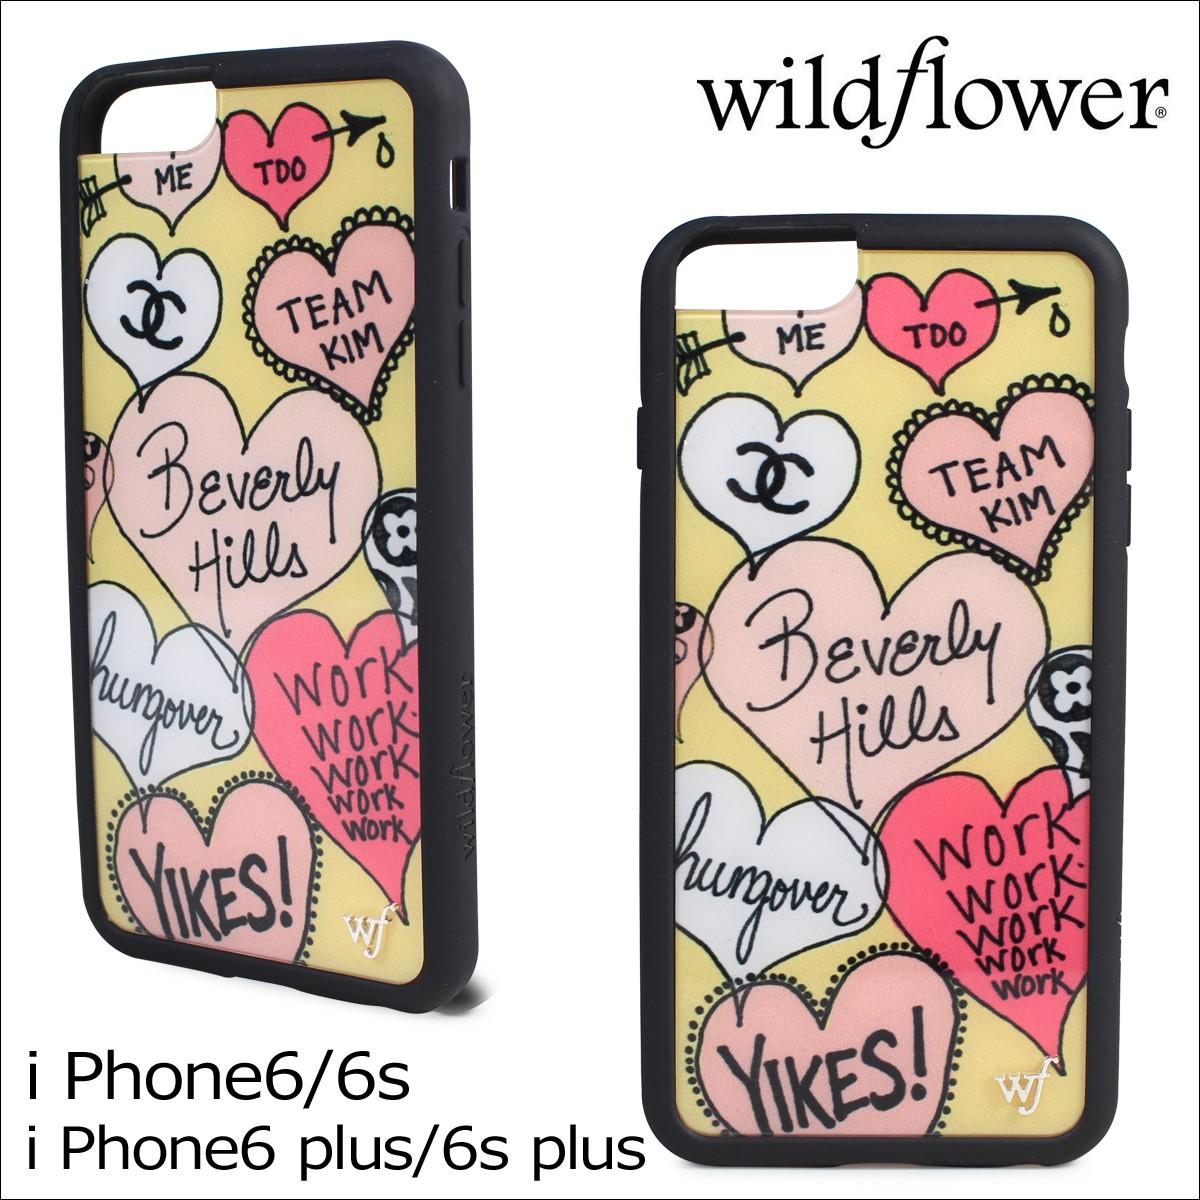 wildflower ケース スマホ ワイルドフラワー iPhoneケース 6s アイフォン レディース ハンドメイド